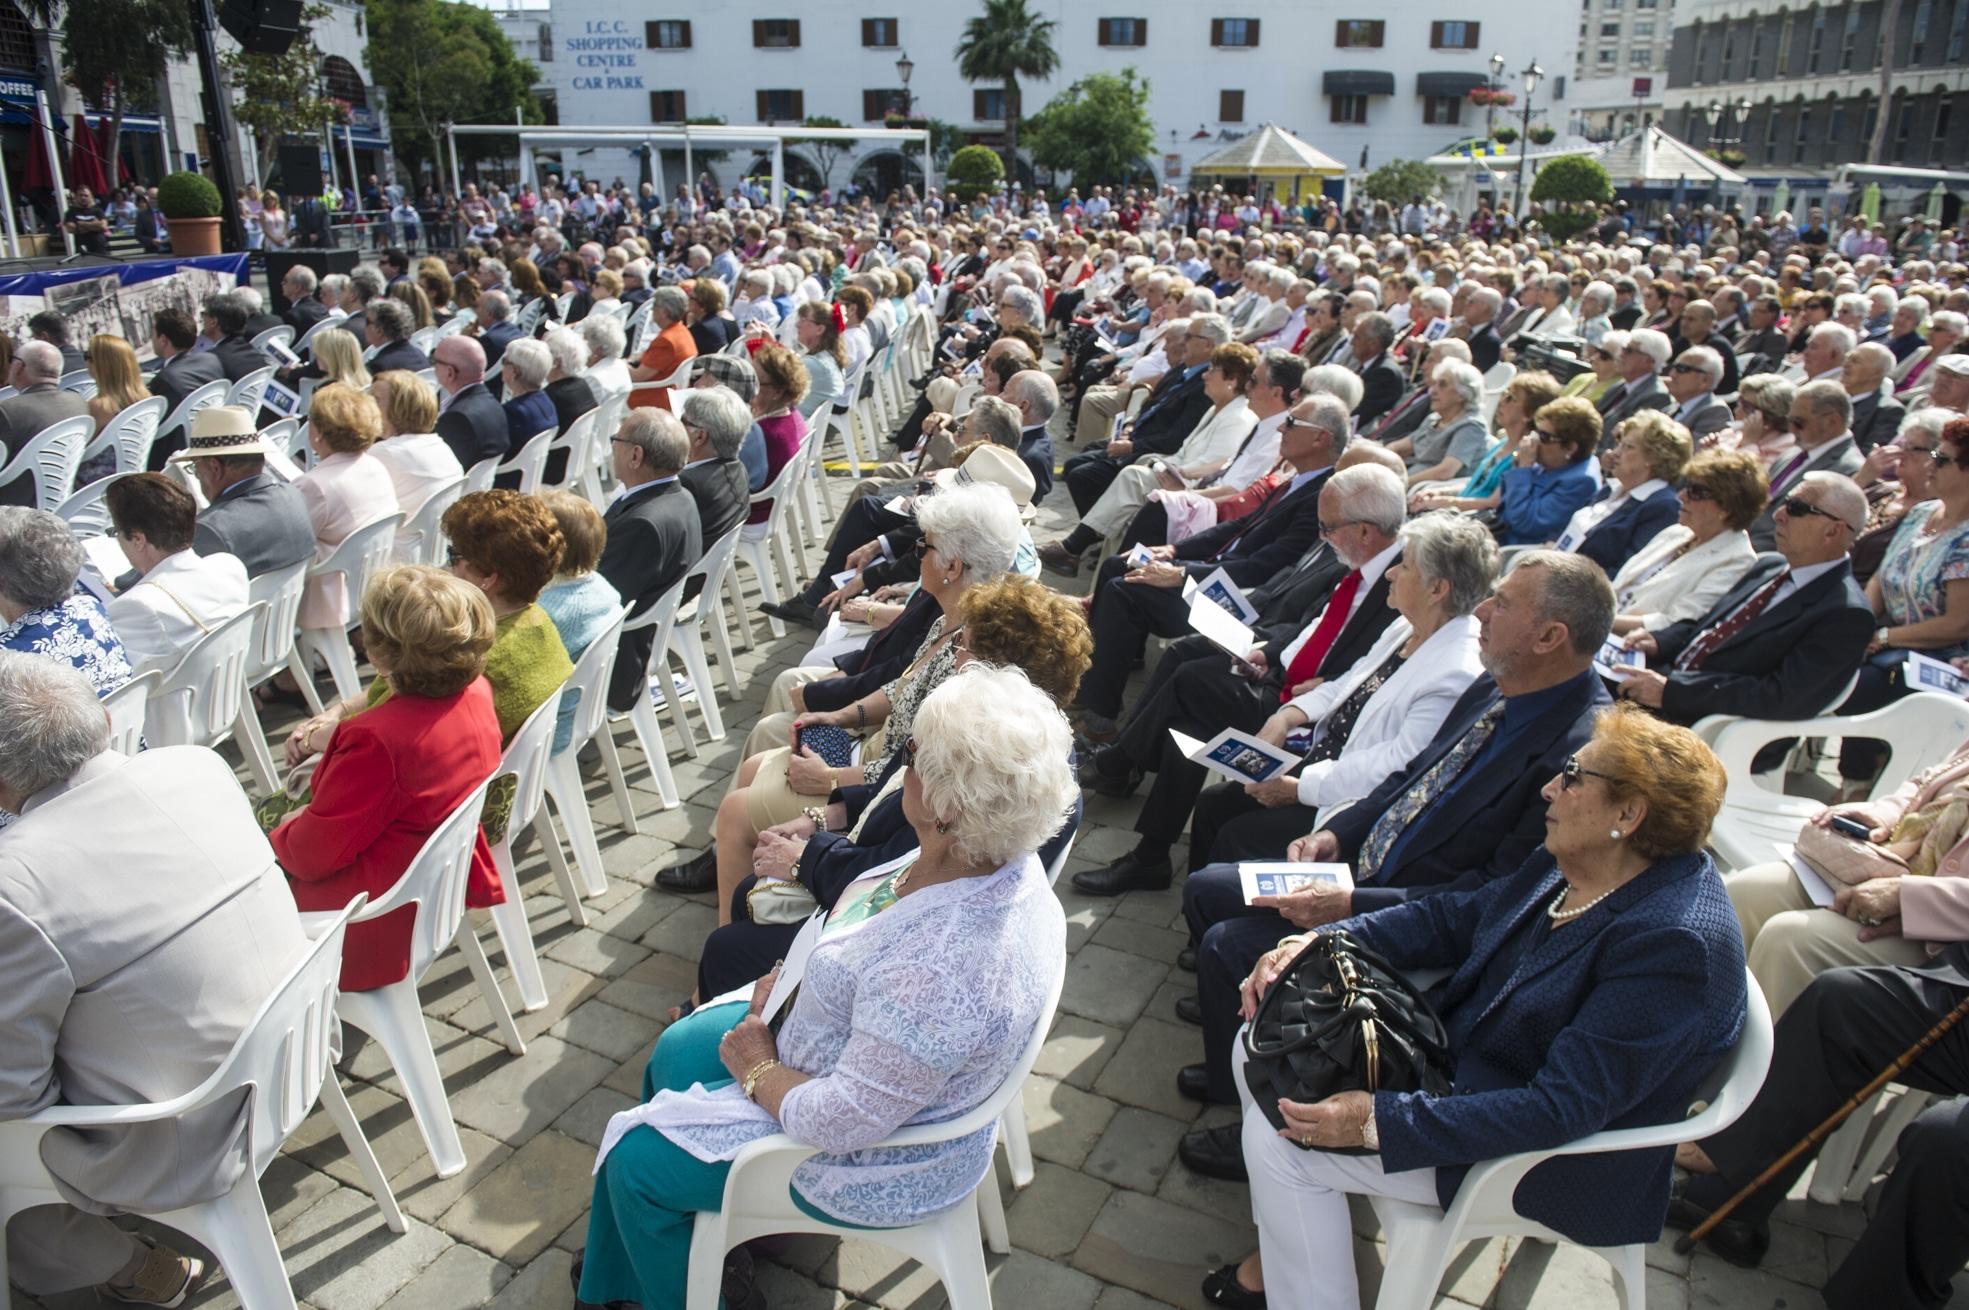 ceremonia-75-anos-evacuacion-gibraltar-22052015-32_17995997671_o